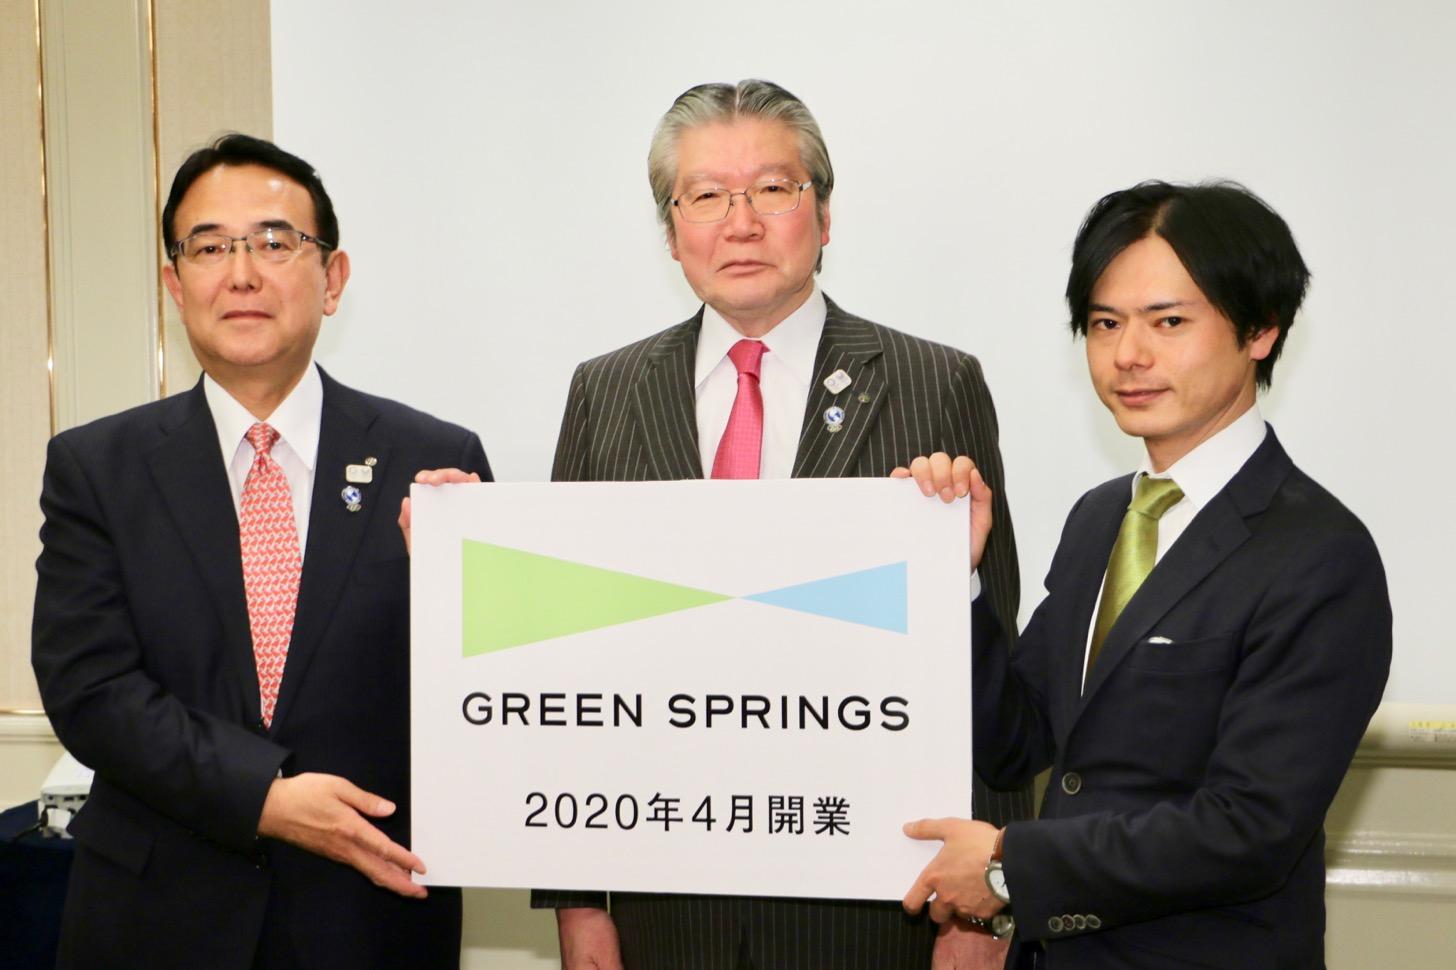 GREEN SPRINGS開業一年前記者発表会